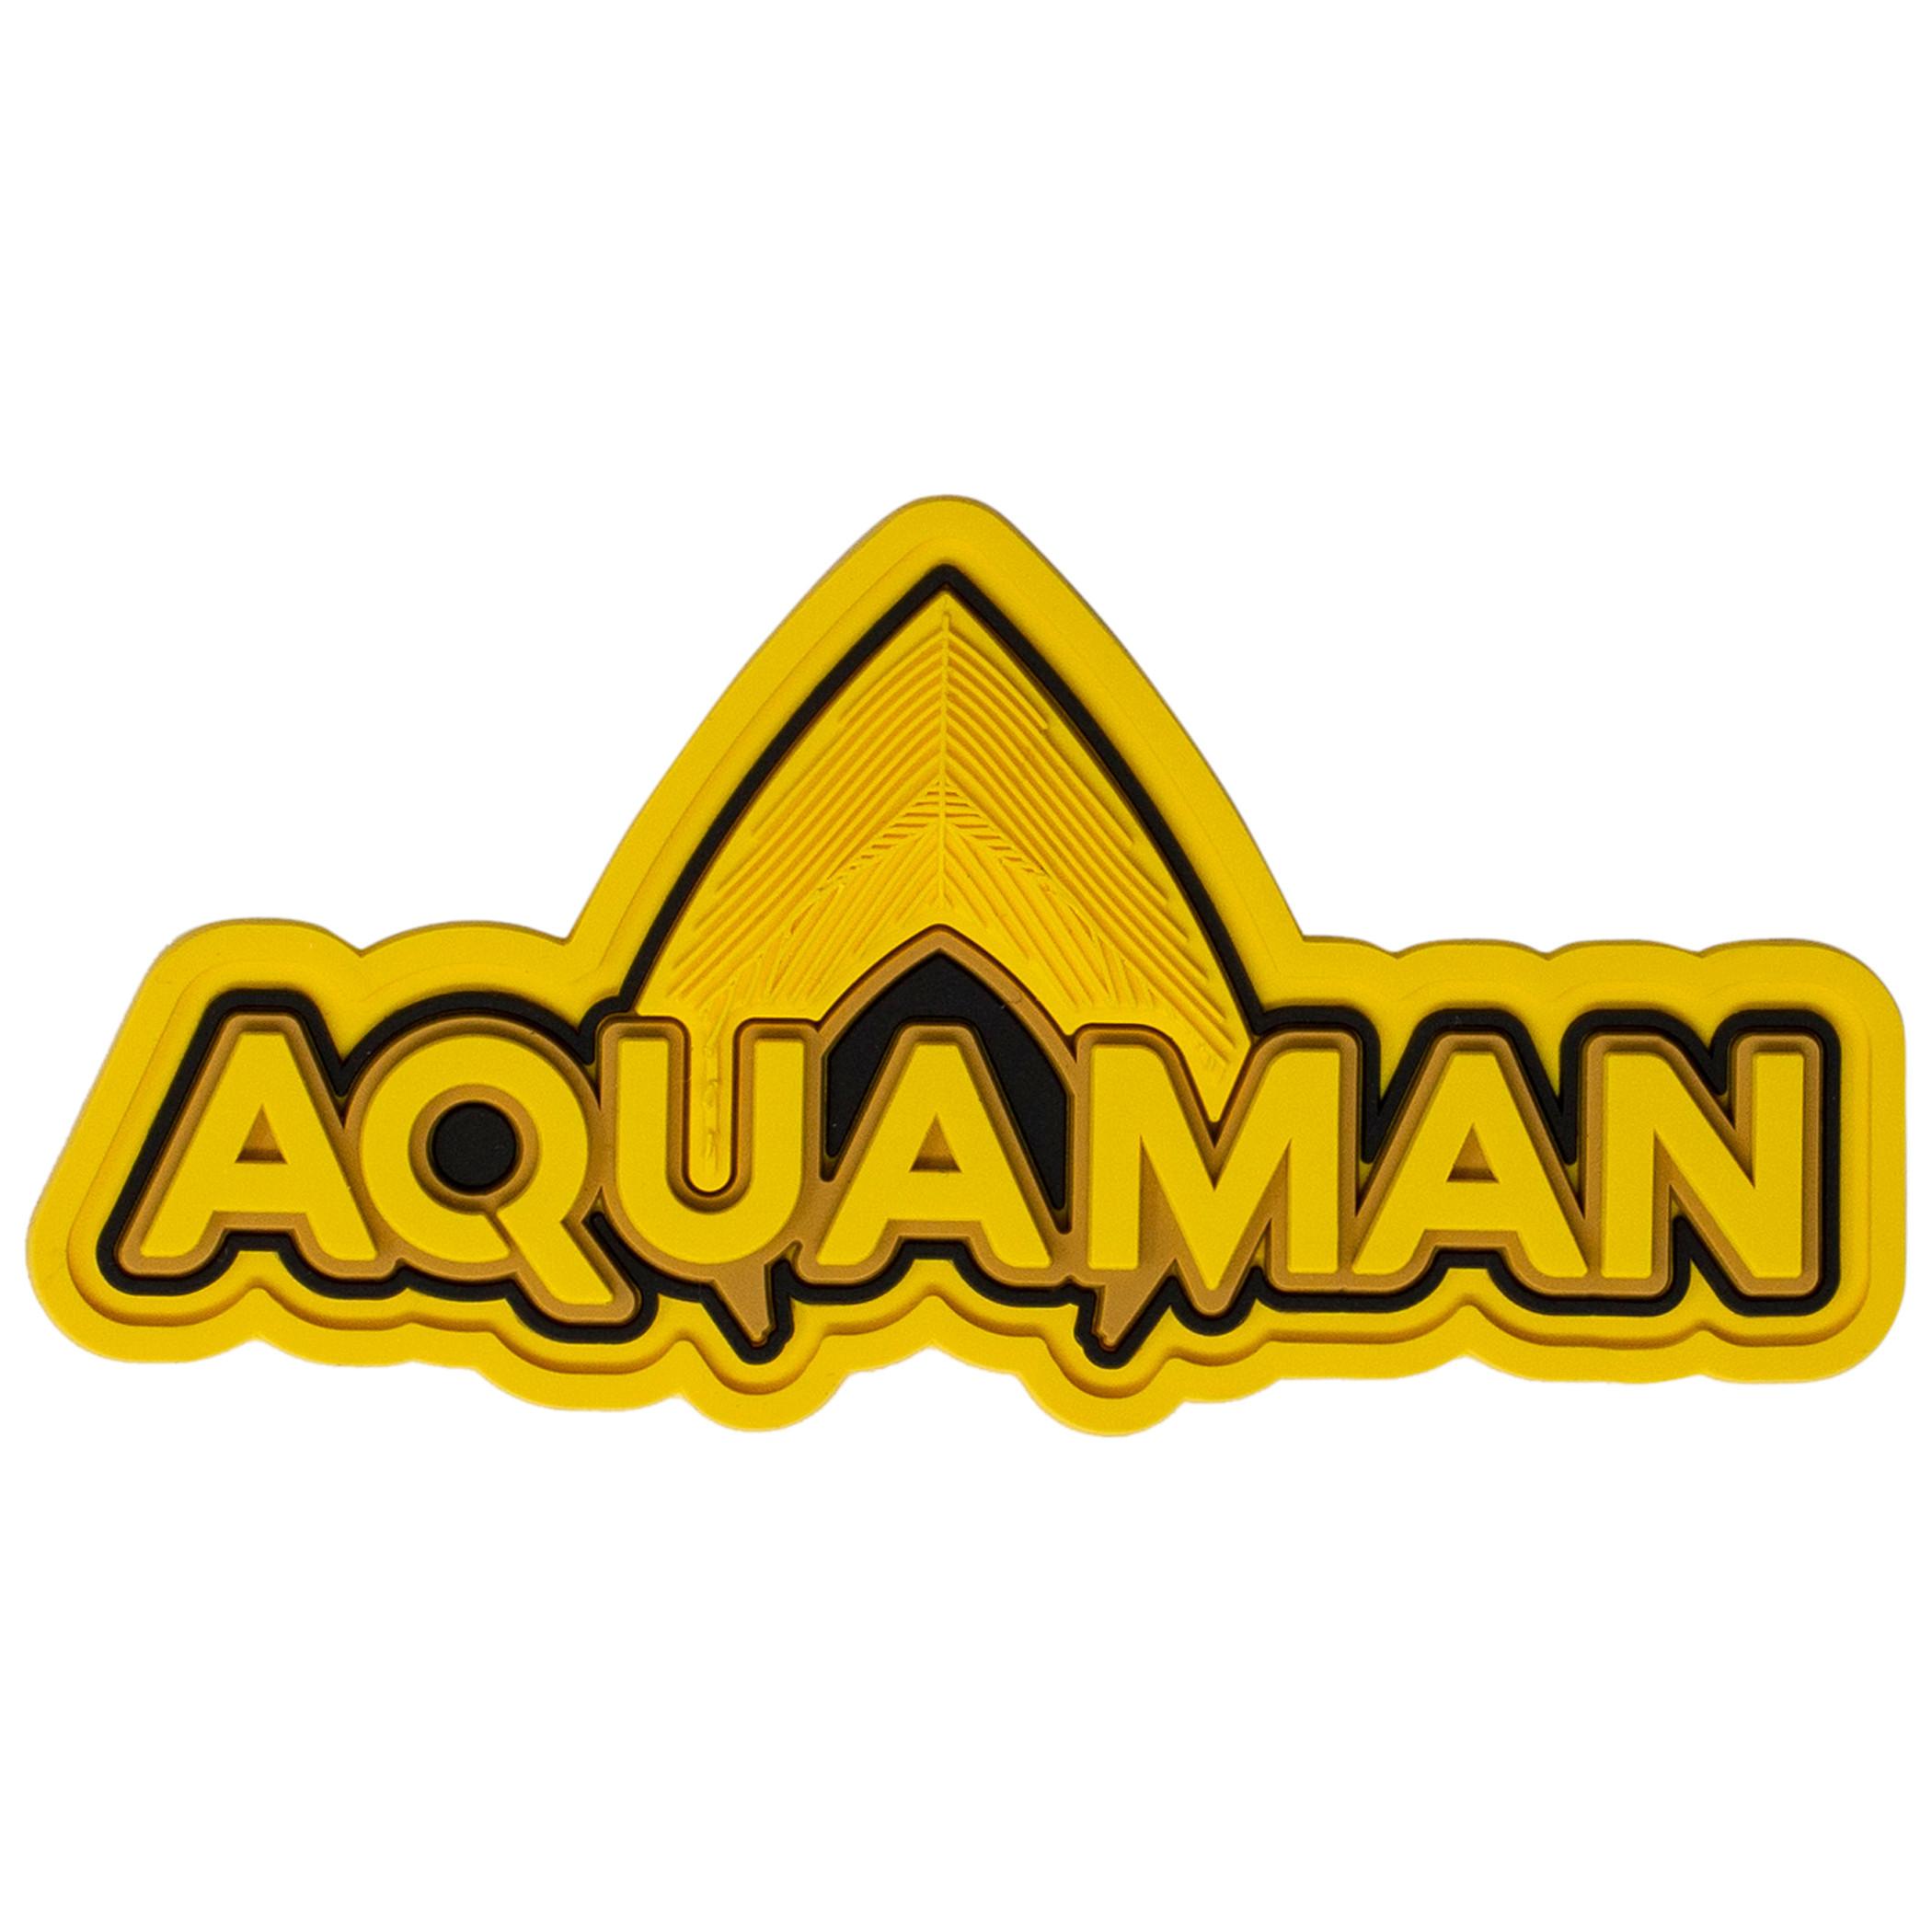 DC Comics Aquaman Text Soft Magnet